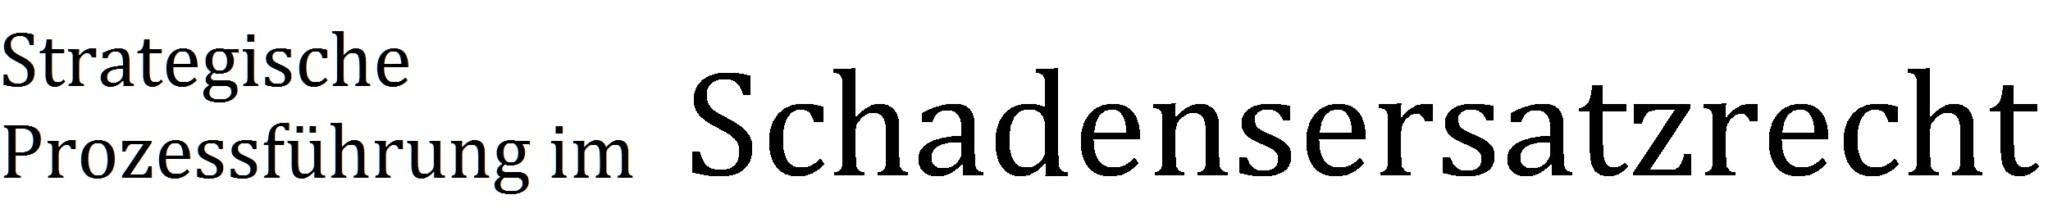 Strategische Prozessführung im Schadensersatzrecht Logo